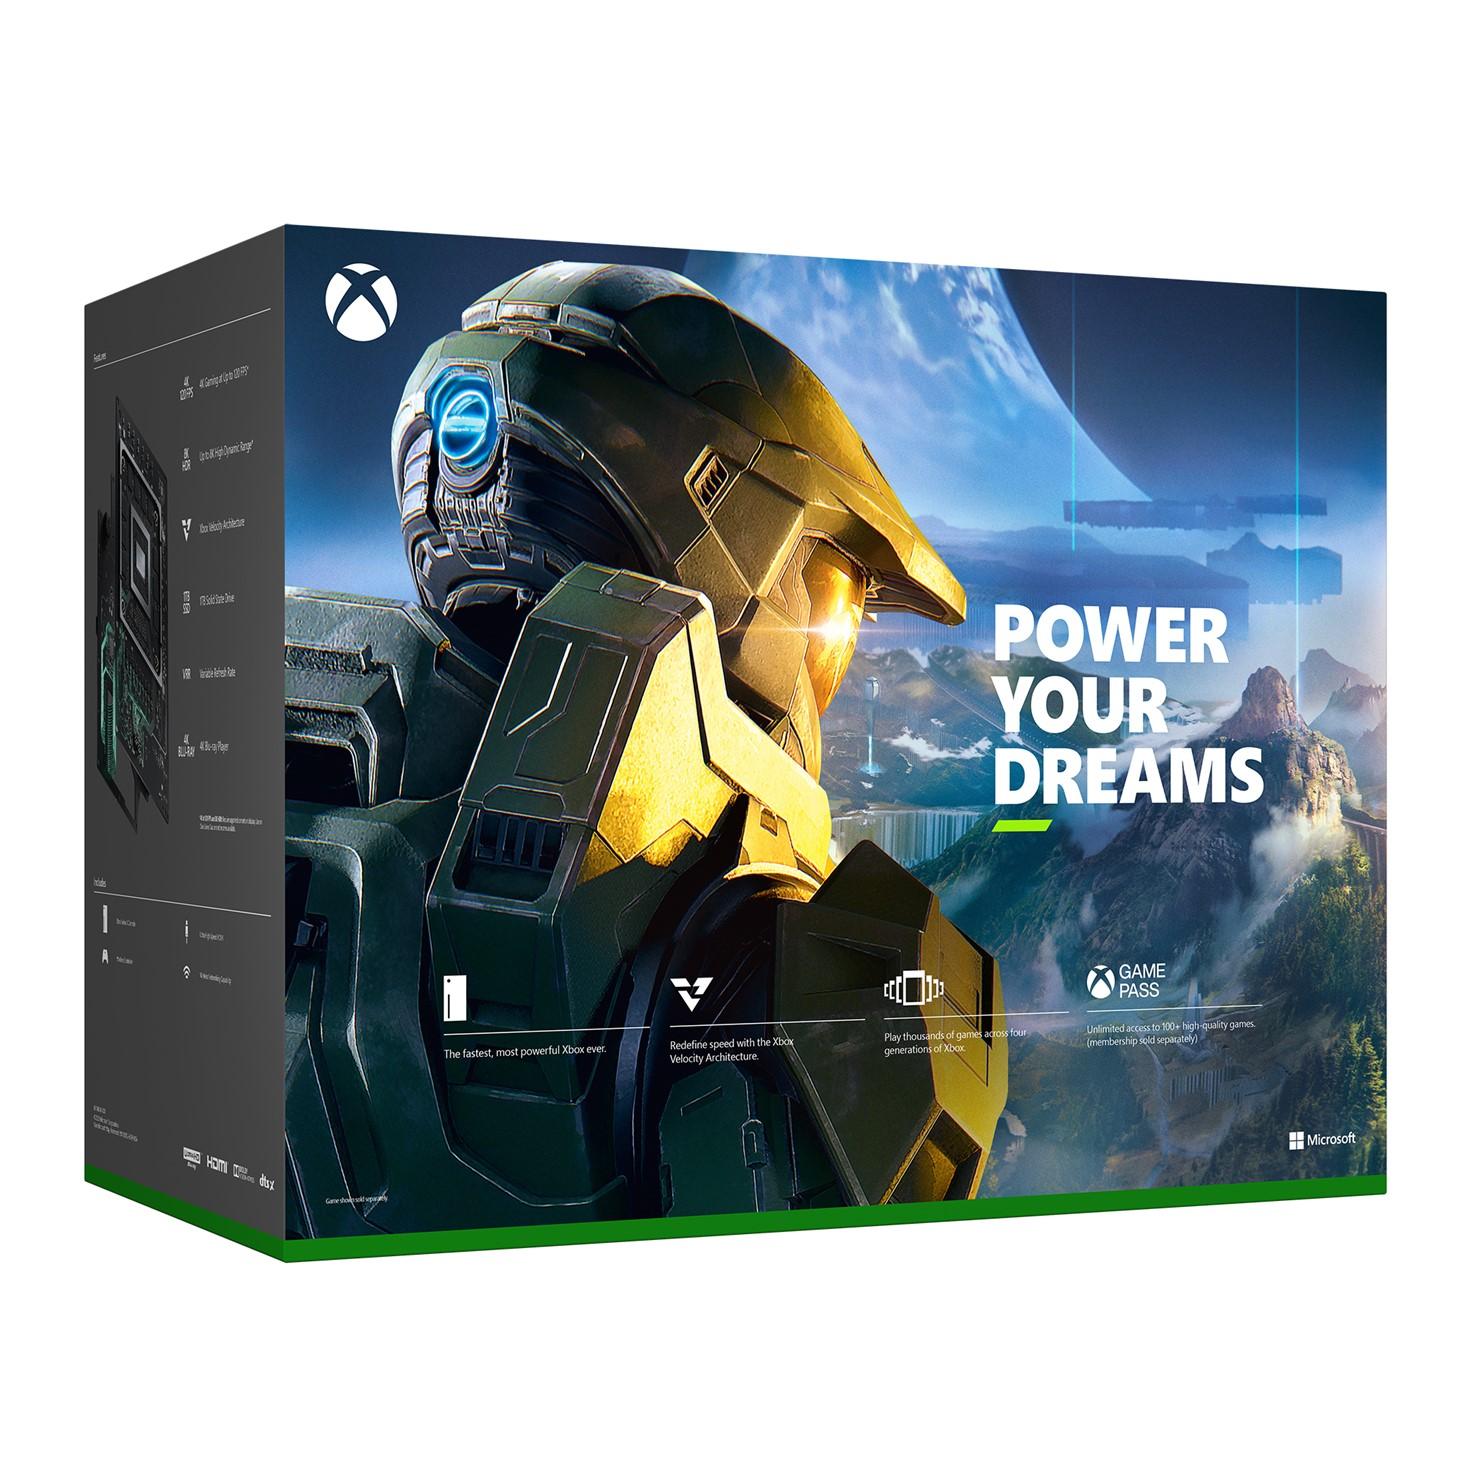 Фото задней части коробки Xbox Series X появилось в сети